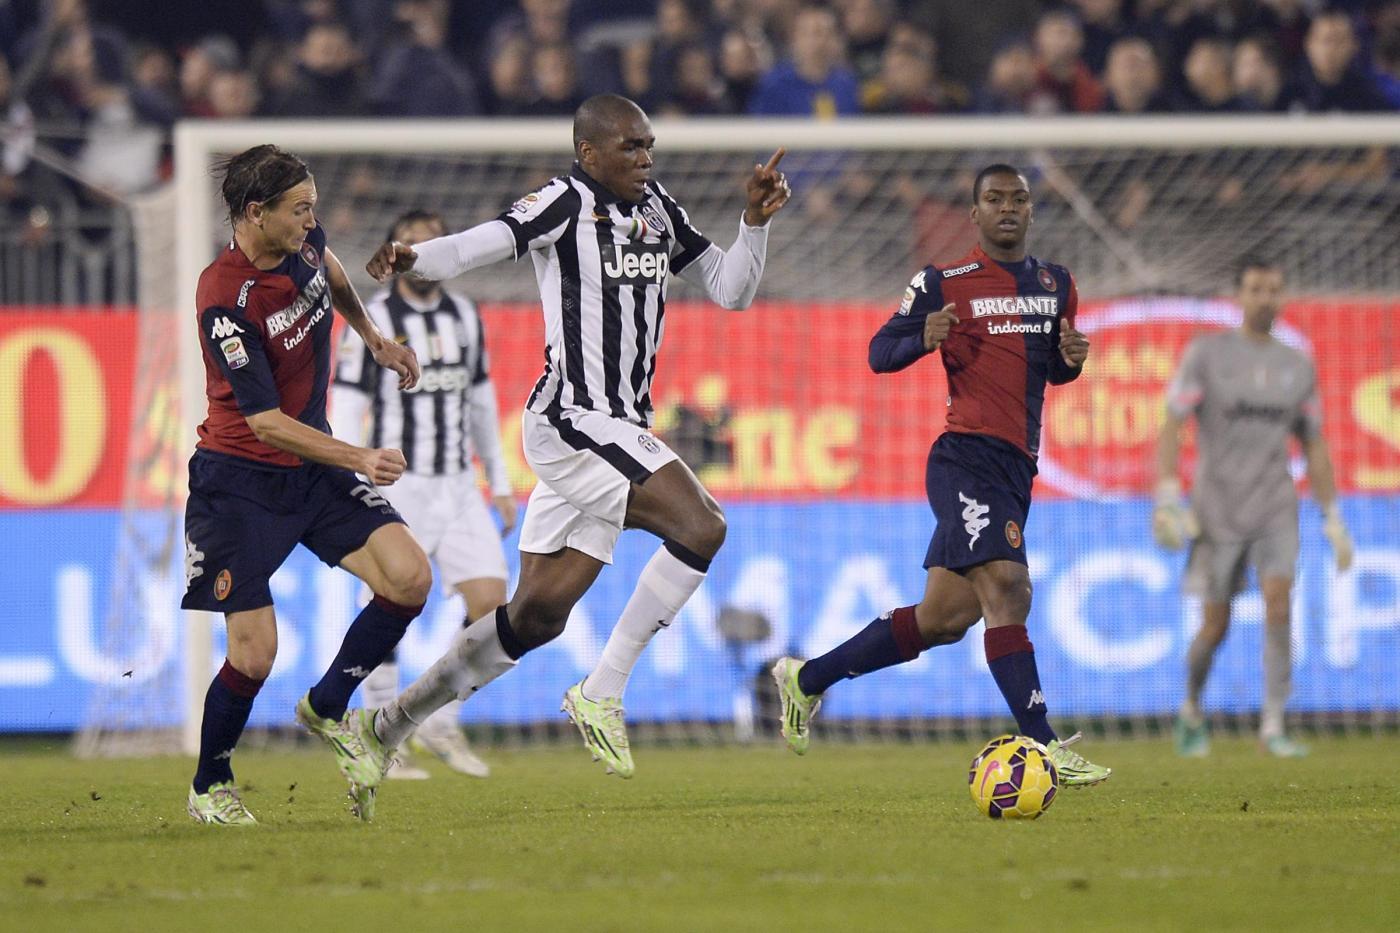 Juventus vs Cagliari 1-1 nell'anticipo: ritorno con gol per Pogba